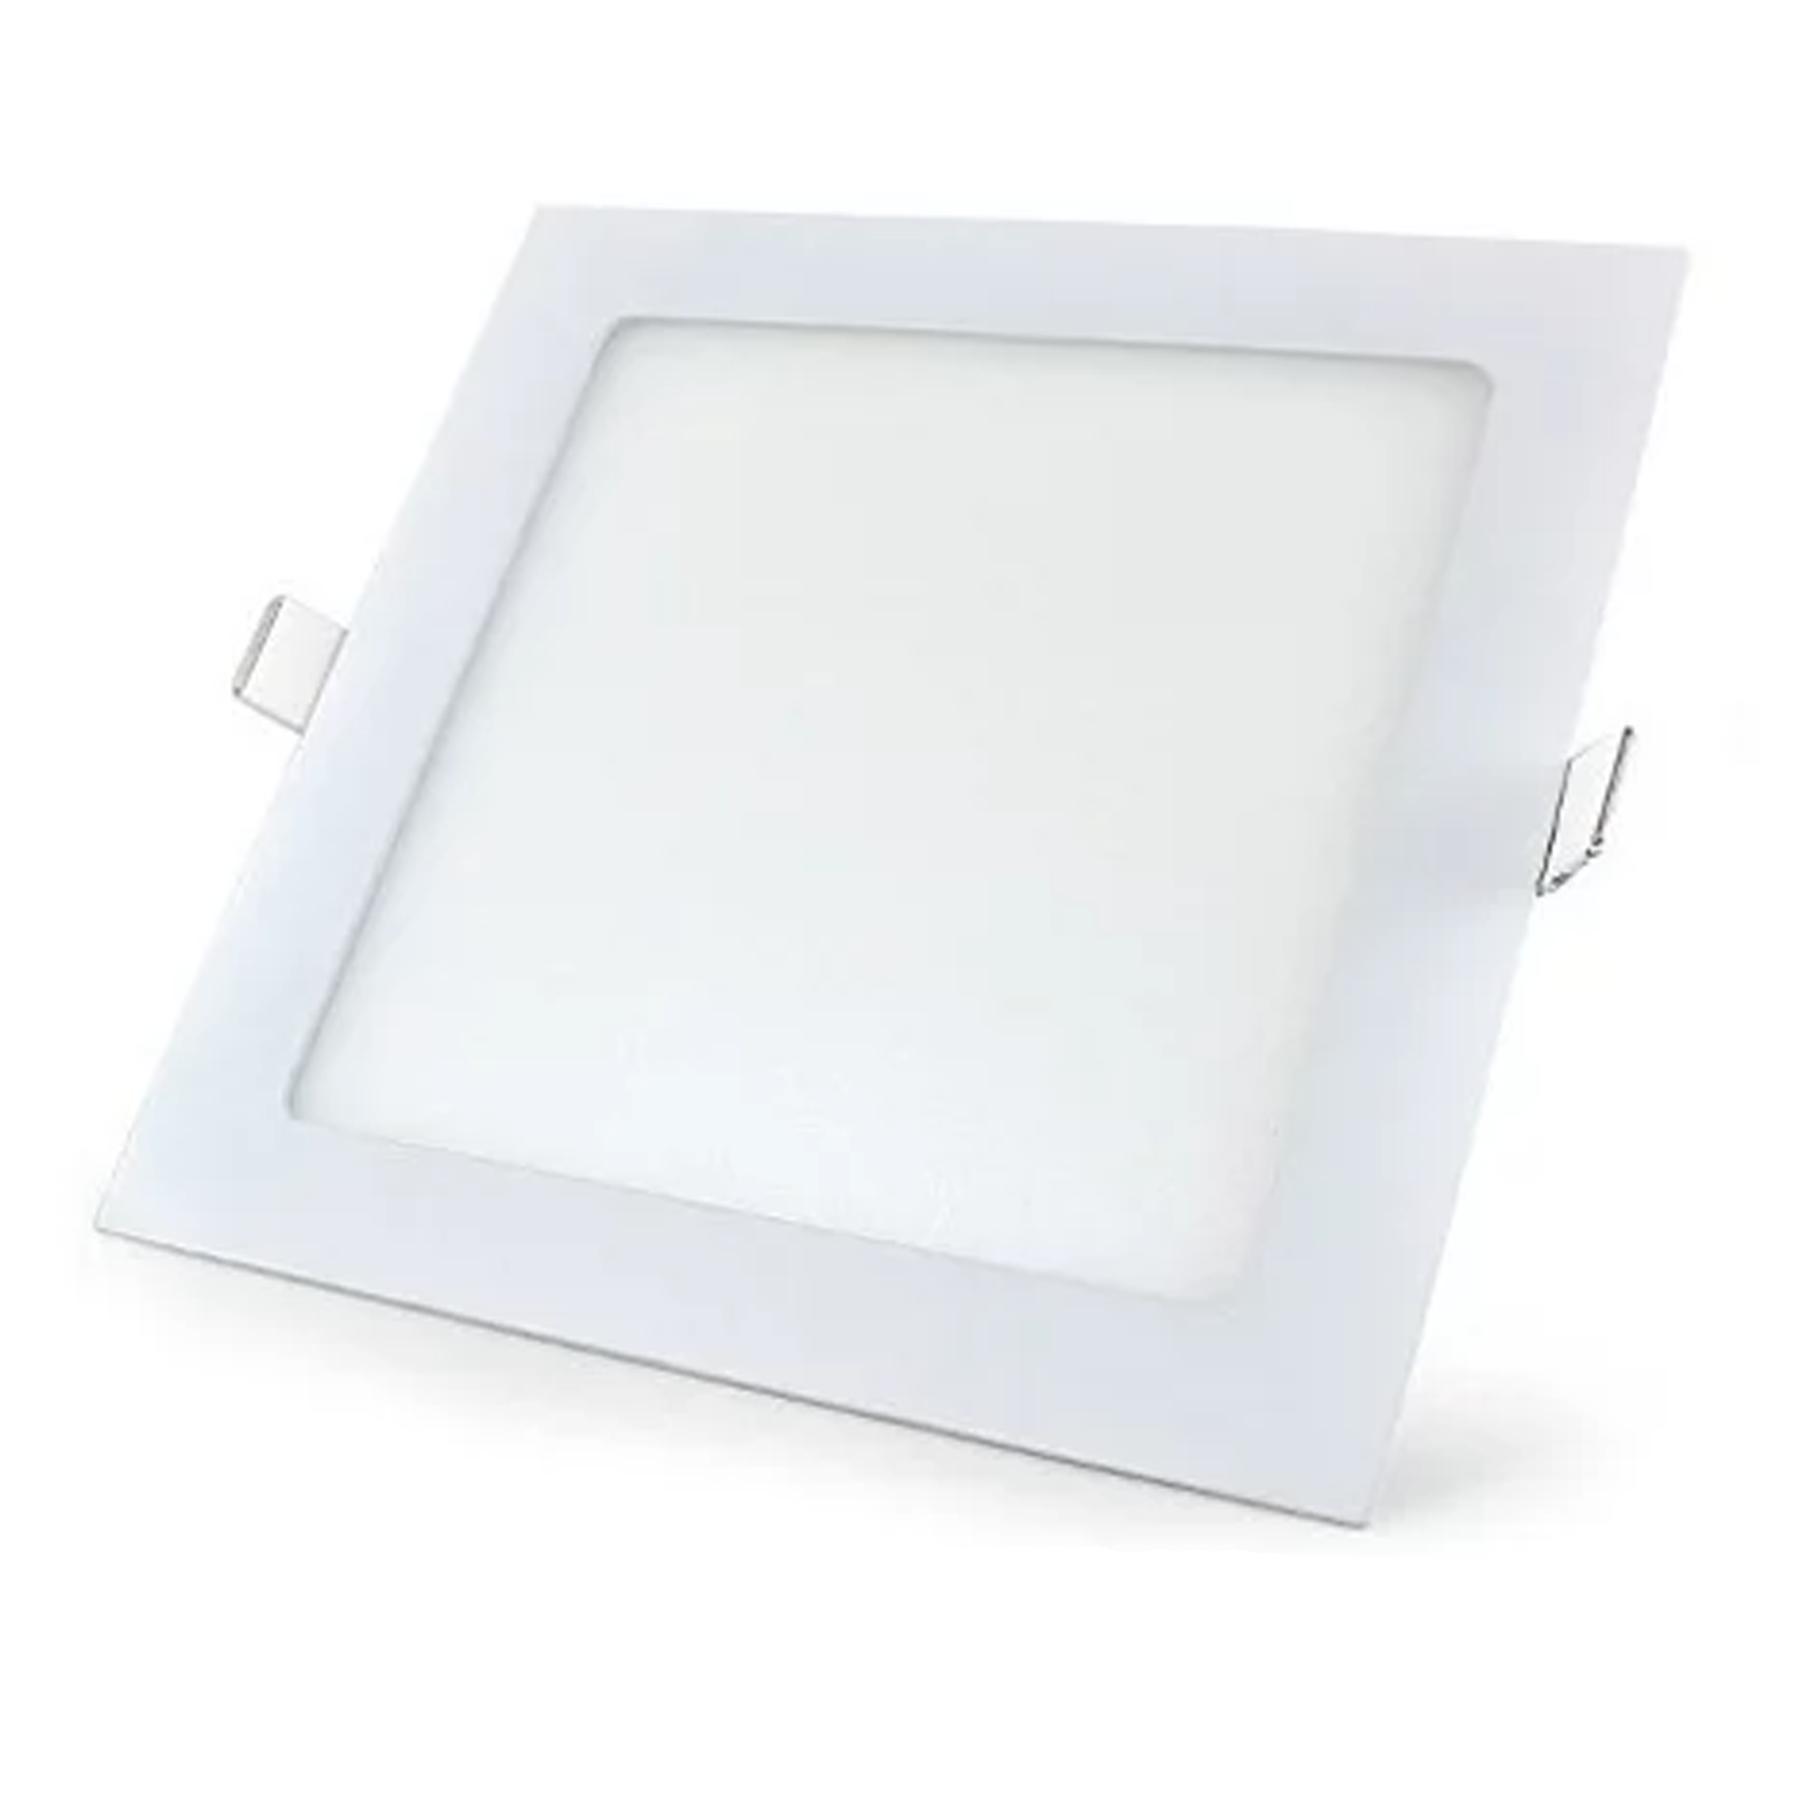 Plafon LED Embutir 12W Quadrado / Branco quente